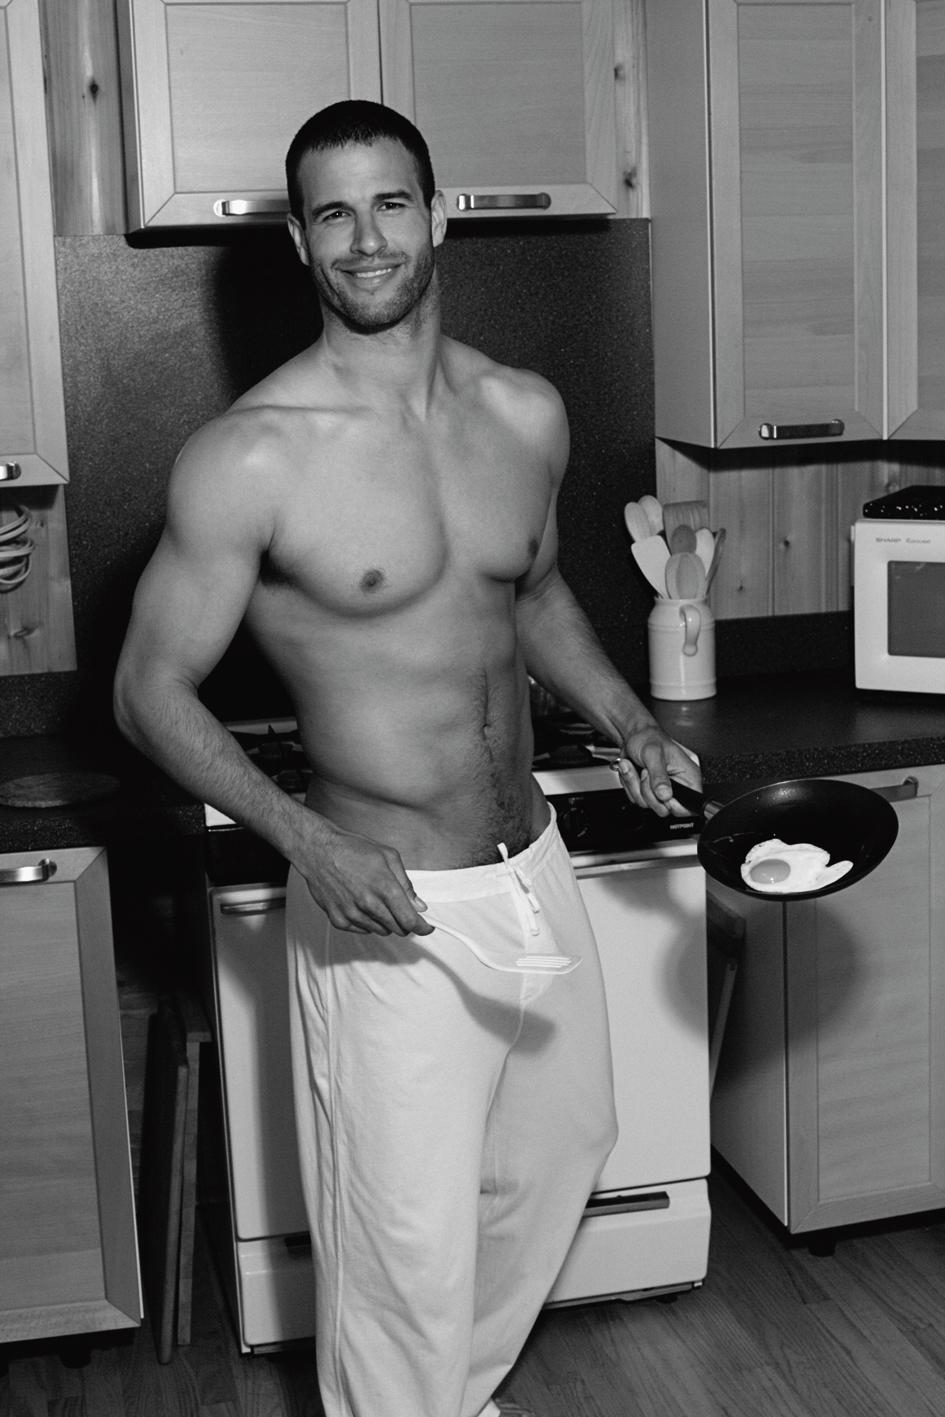 Ben-Pamies-shirtless-hot-daddy-bae